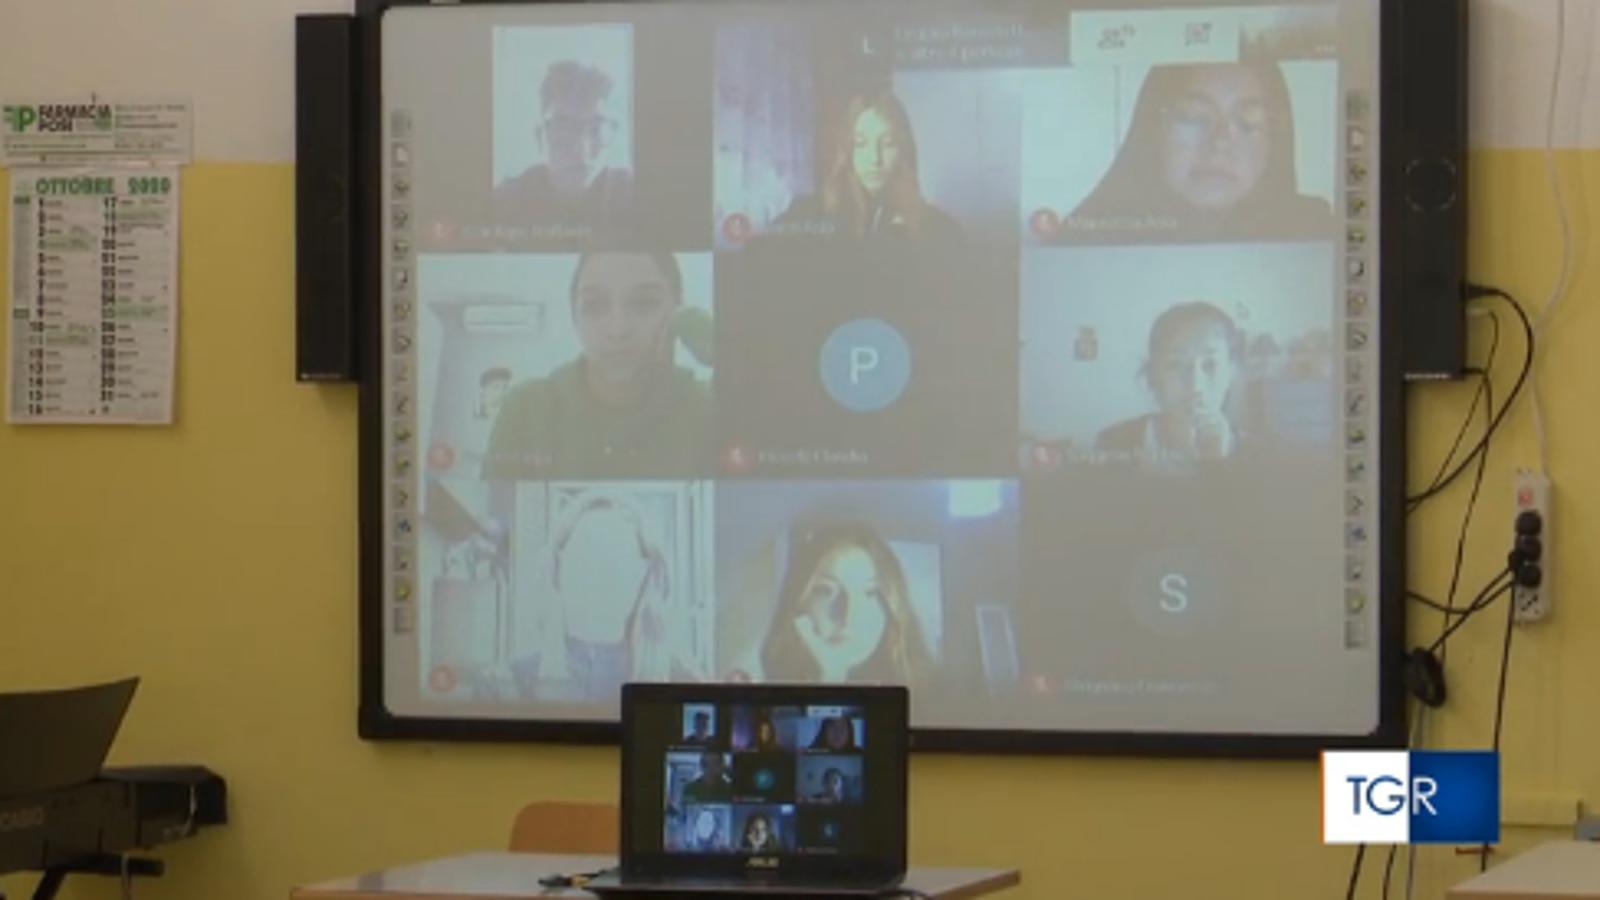 Da oggi didattica a distanza nei licei e istituti superiori - Scuola - TGR  Puglia